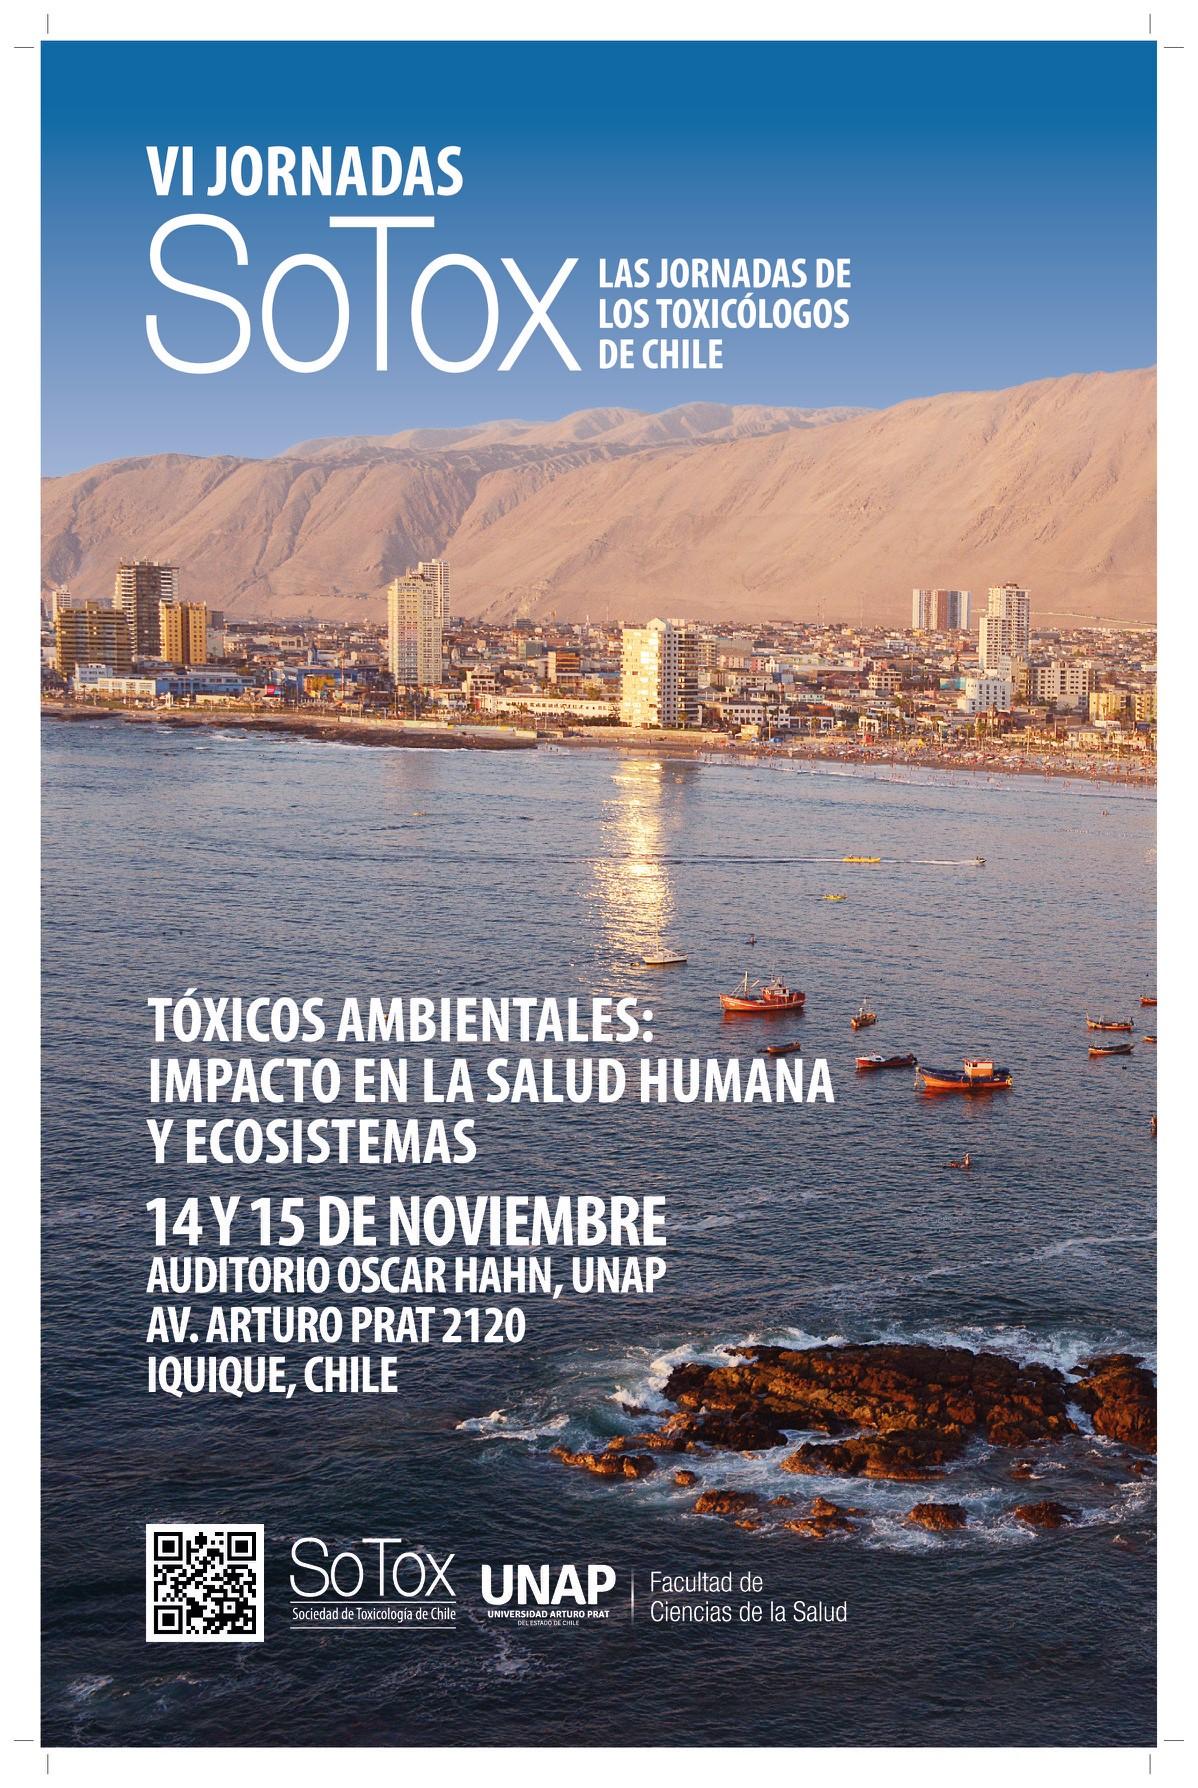 VI Jornadas de Toxicología SOTOX